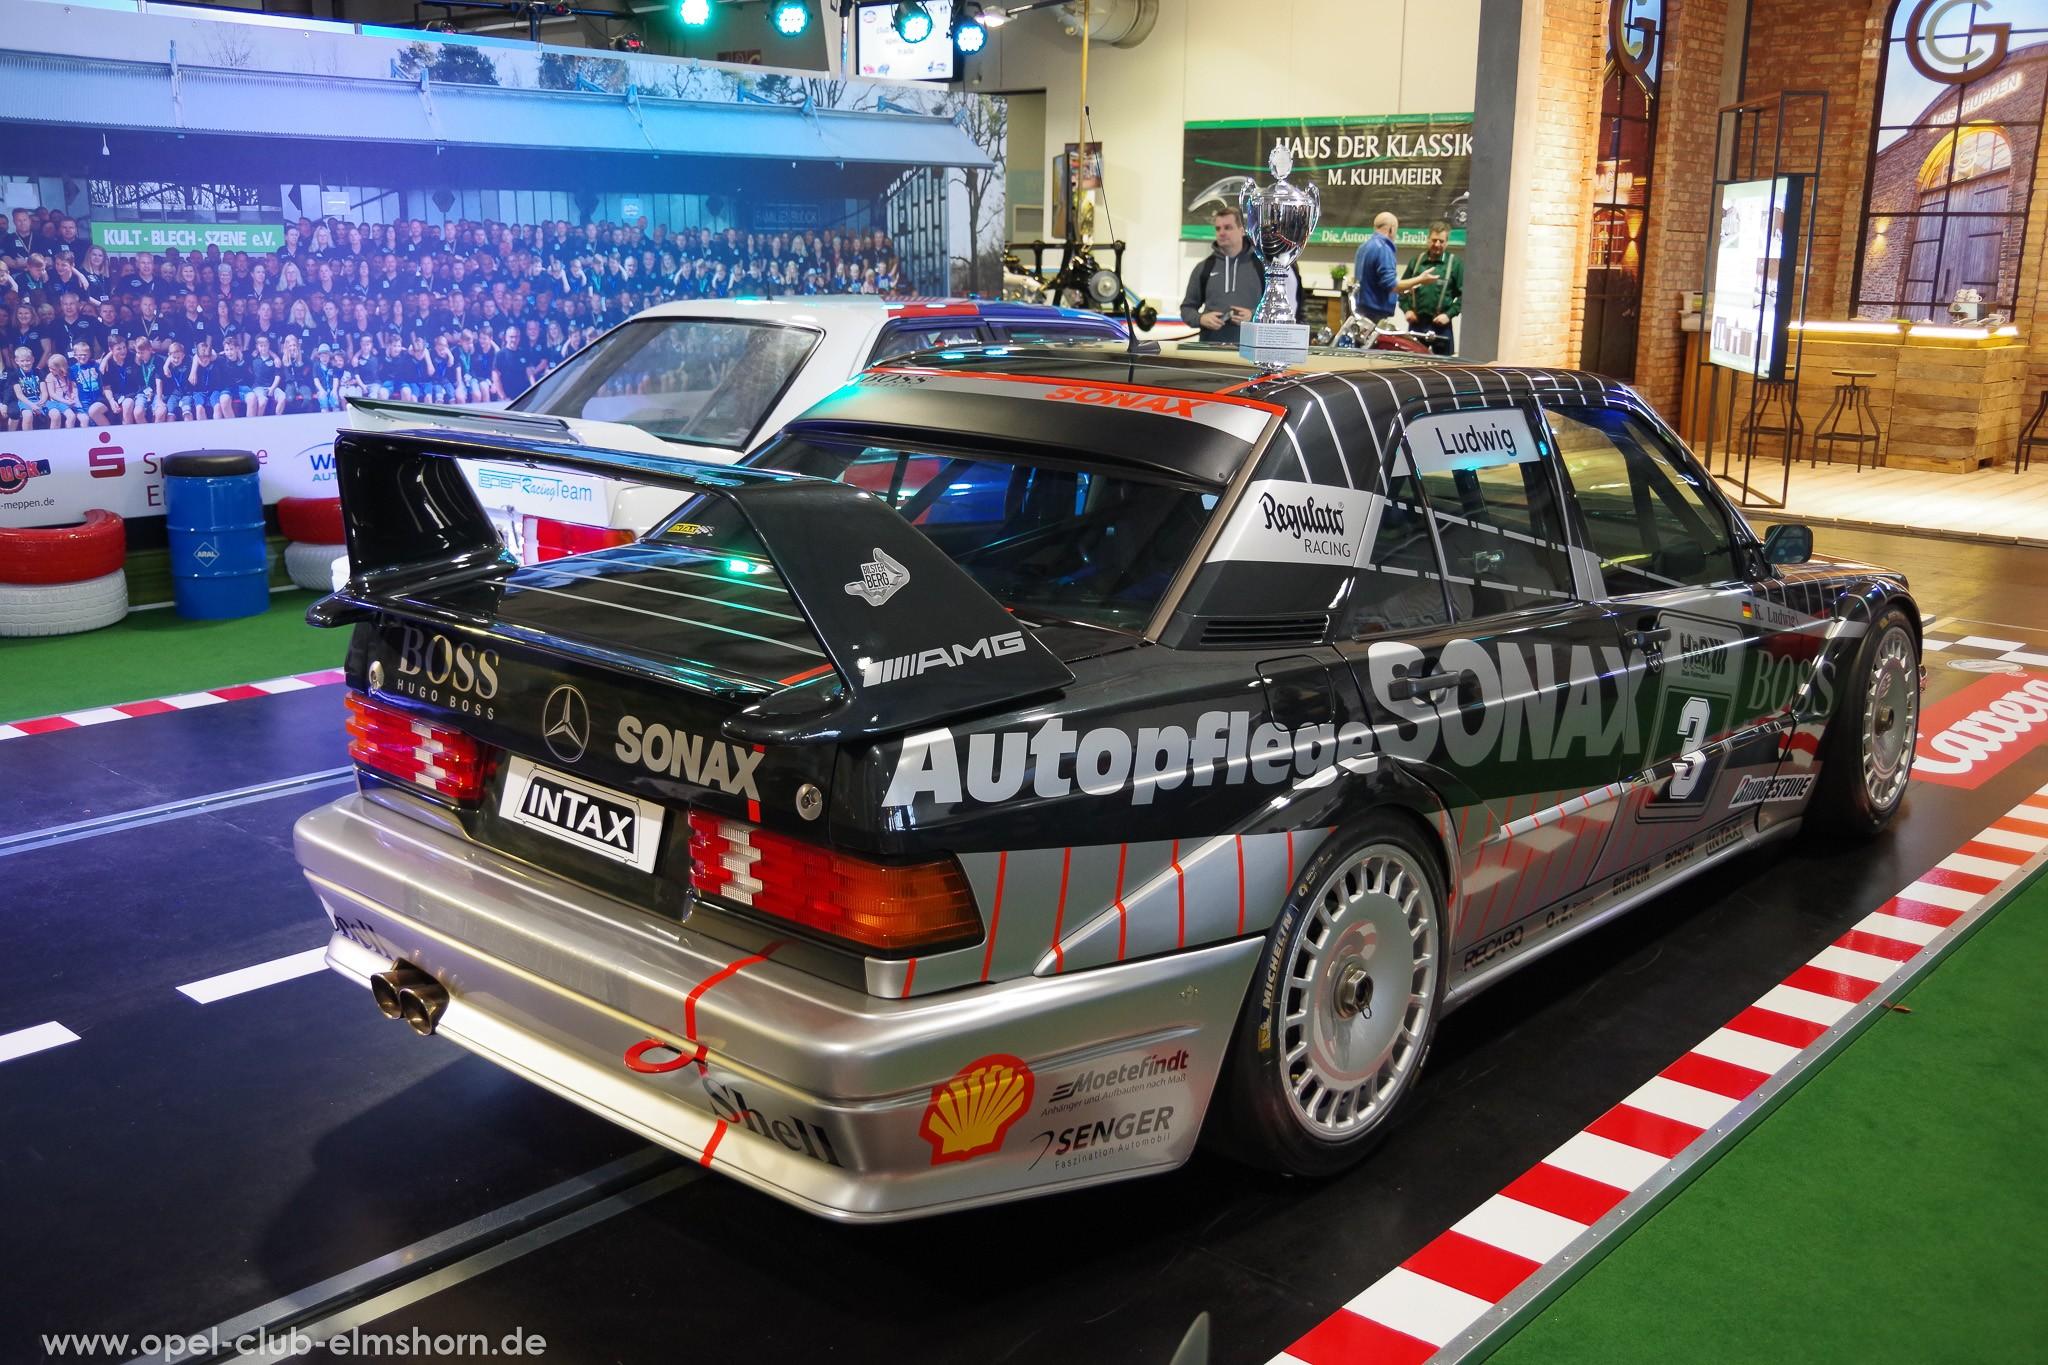 Mercedes-Benz Motorsport